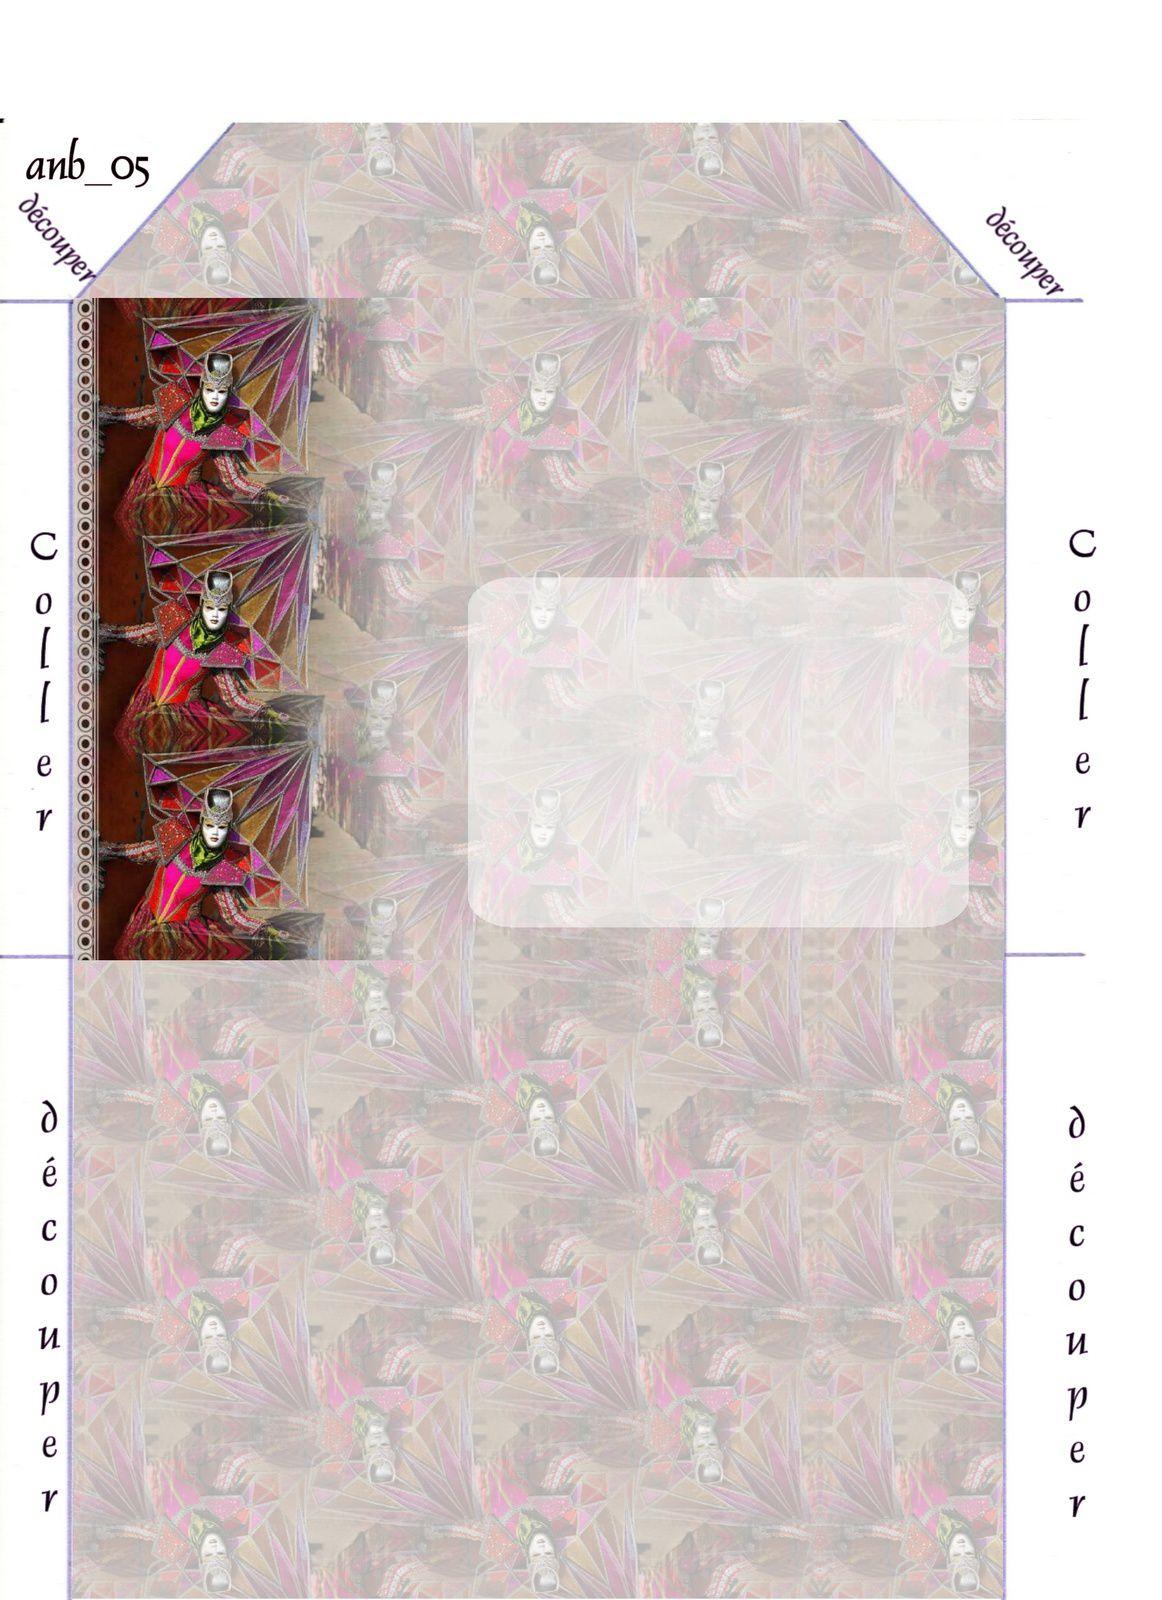 Personnage Carnaval de Venise IM &amp&#x3B; Papier A4 h l &amp&#x3B; outlook &amp&#x3B; enveloppe &amp&#x3B; 2 cartes A5 &amp&#x3B; signets  pers_venise_carnaval2009_04